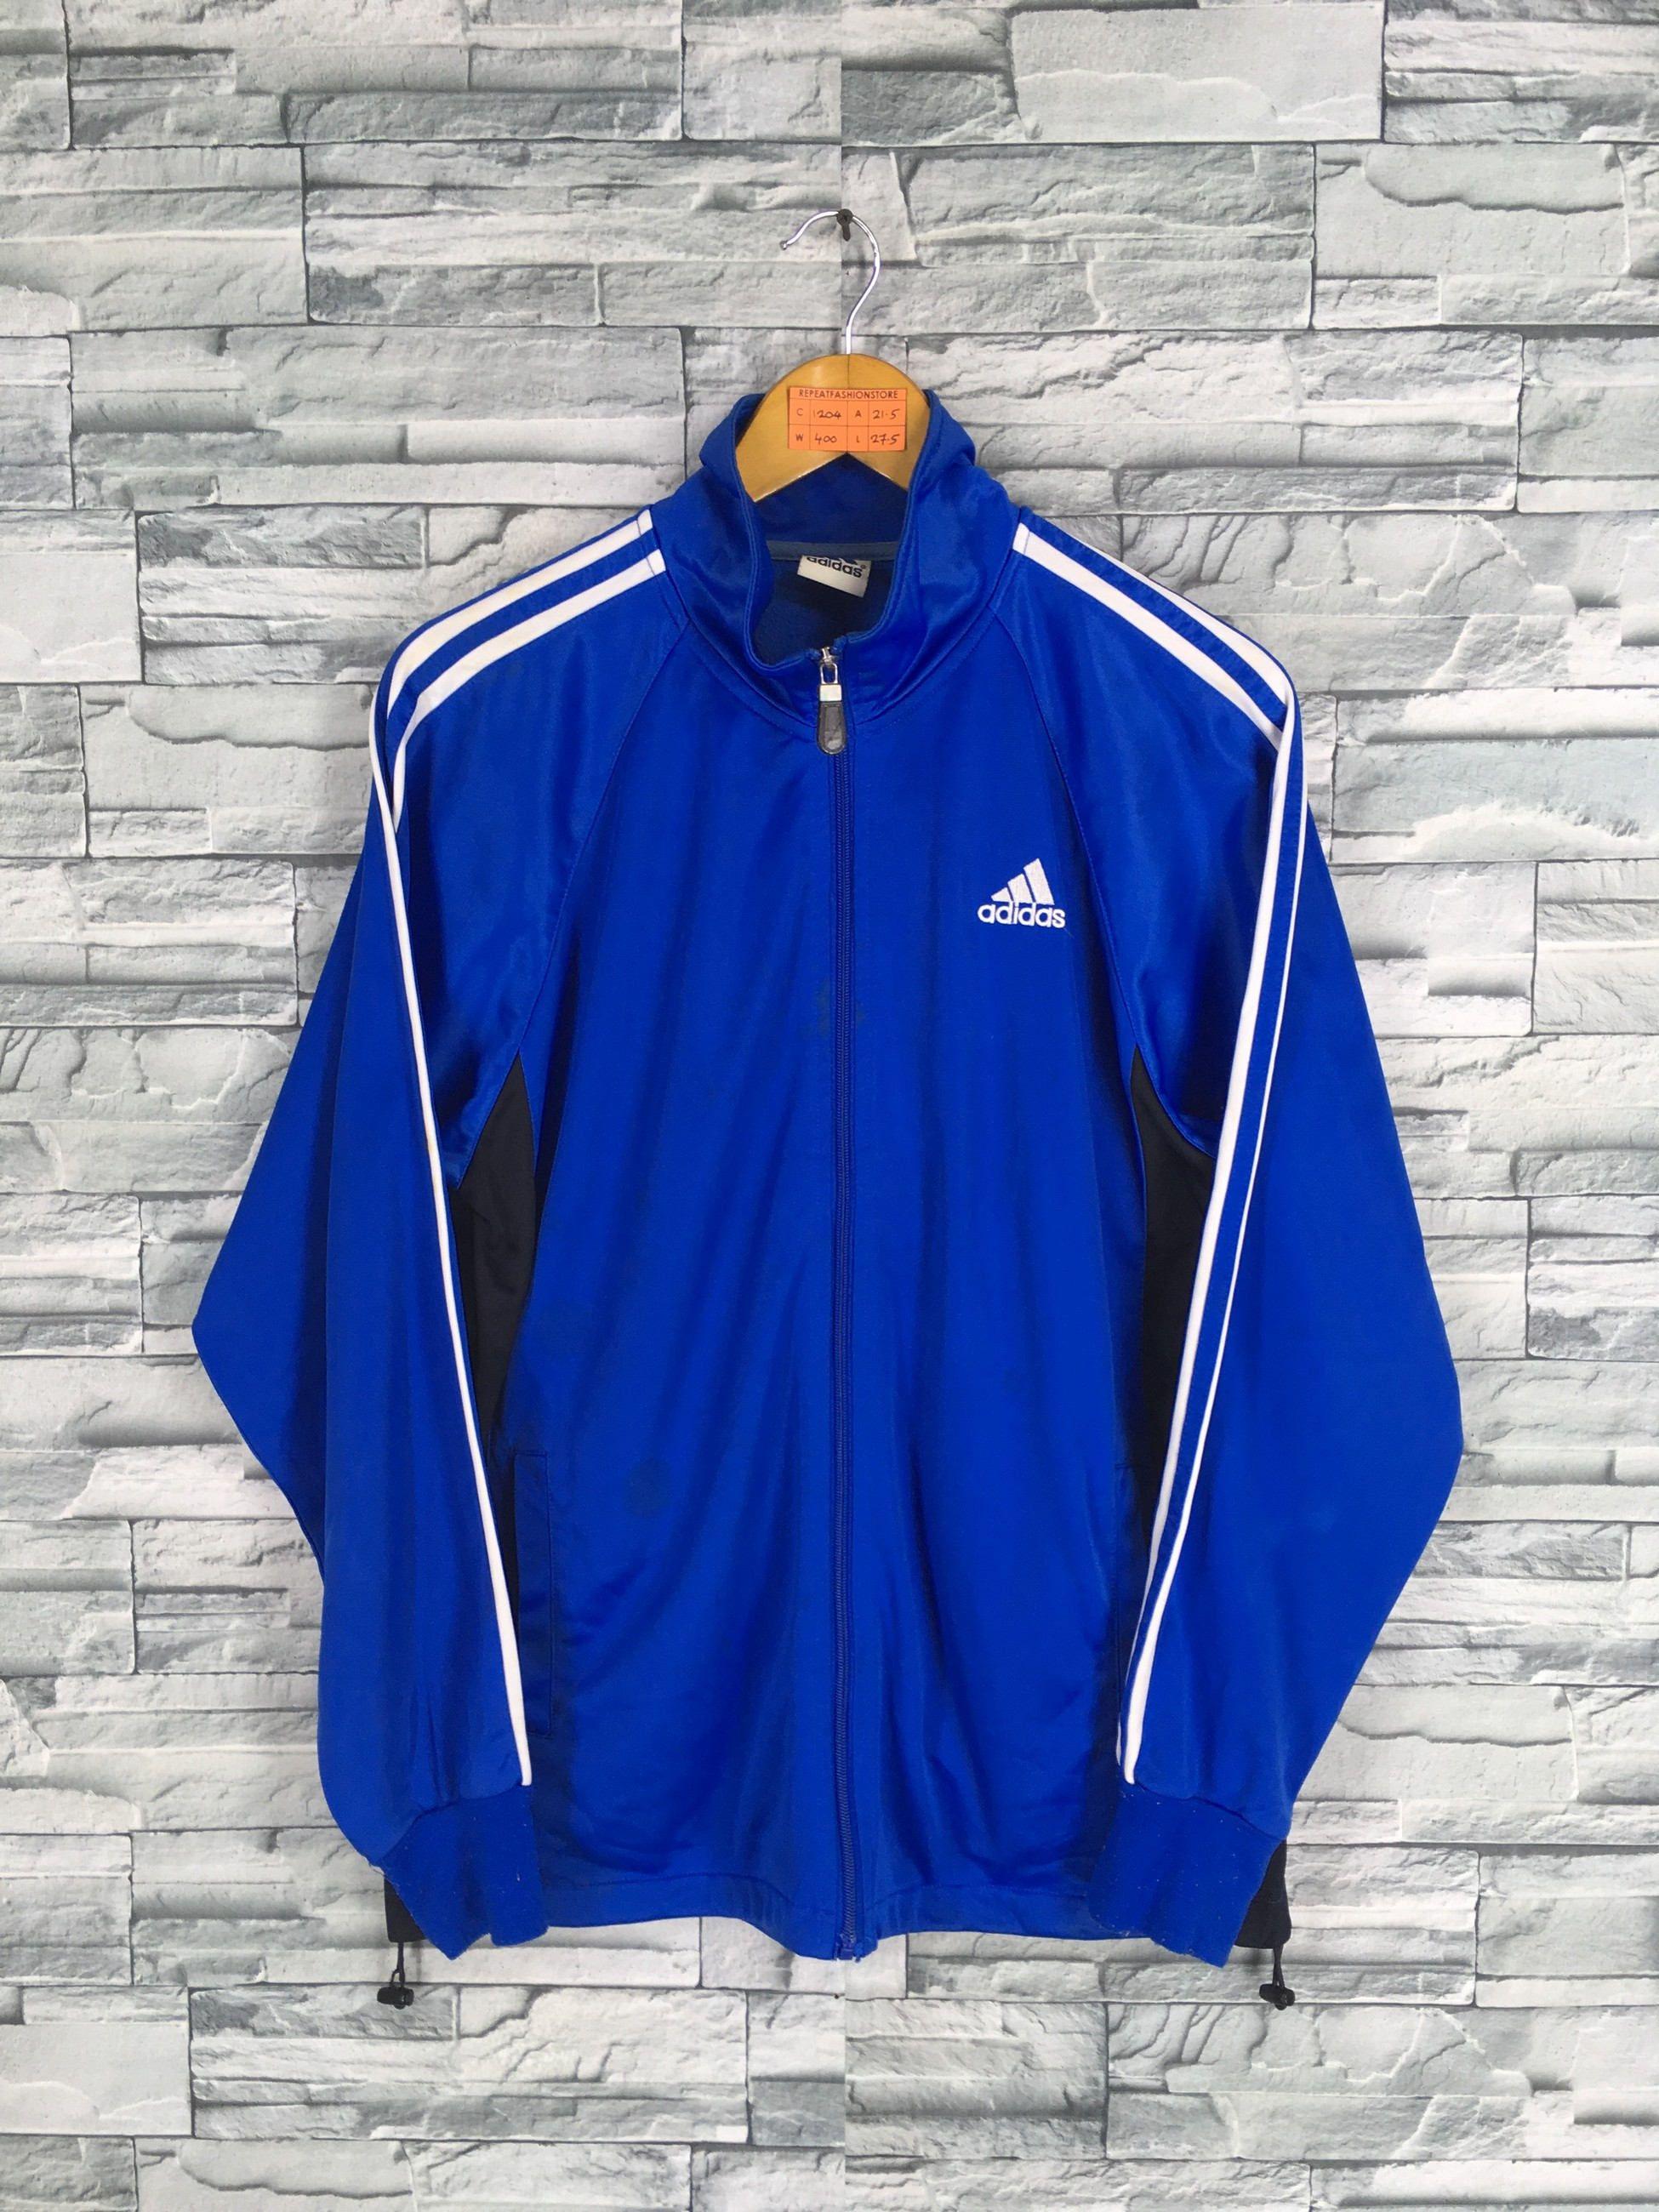 ADIDAS Jacket Windbreaker Medium Vintage 90's Adidas Trefoil